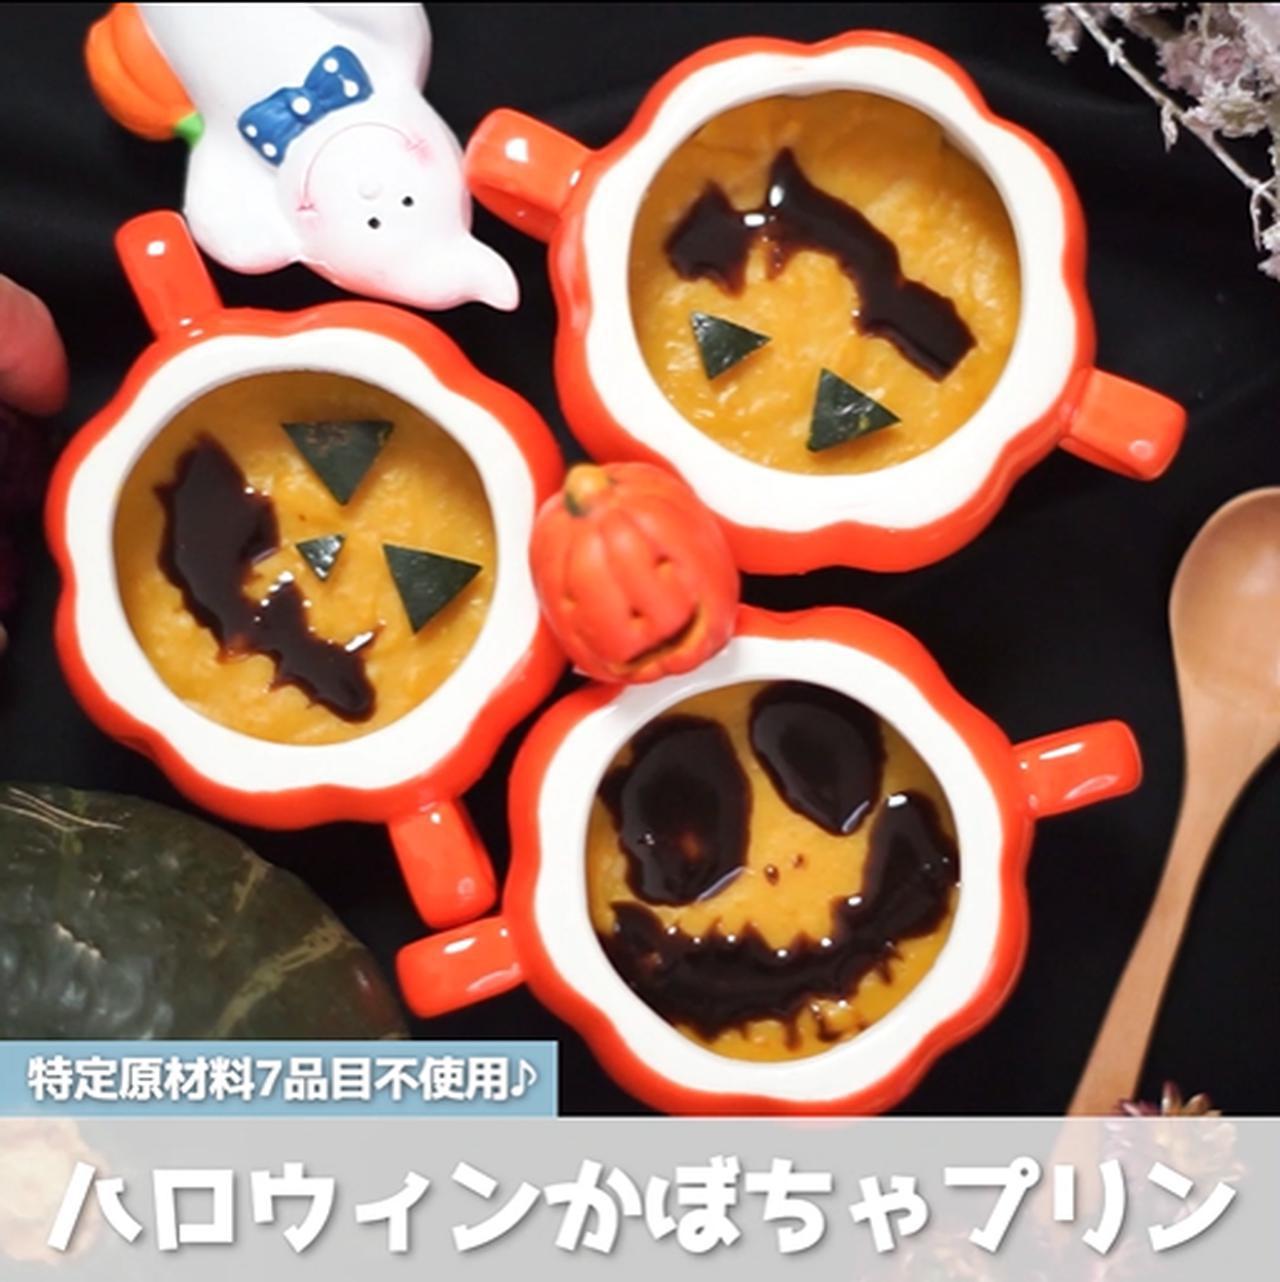 画像: お化けのデコレーションが可愛い ハロウィンかぼちゃプリン - 君とごはん